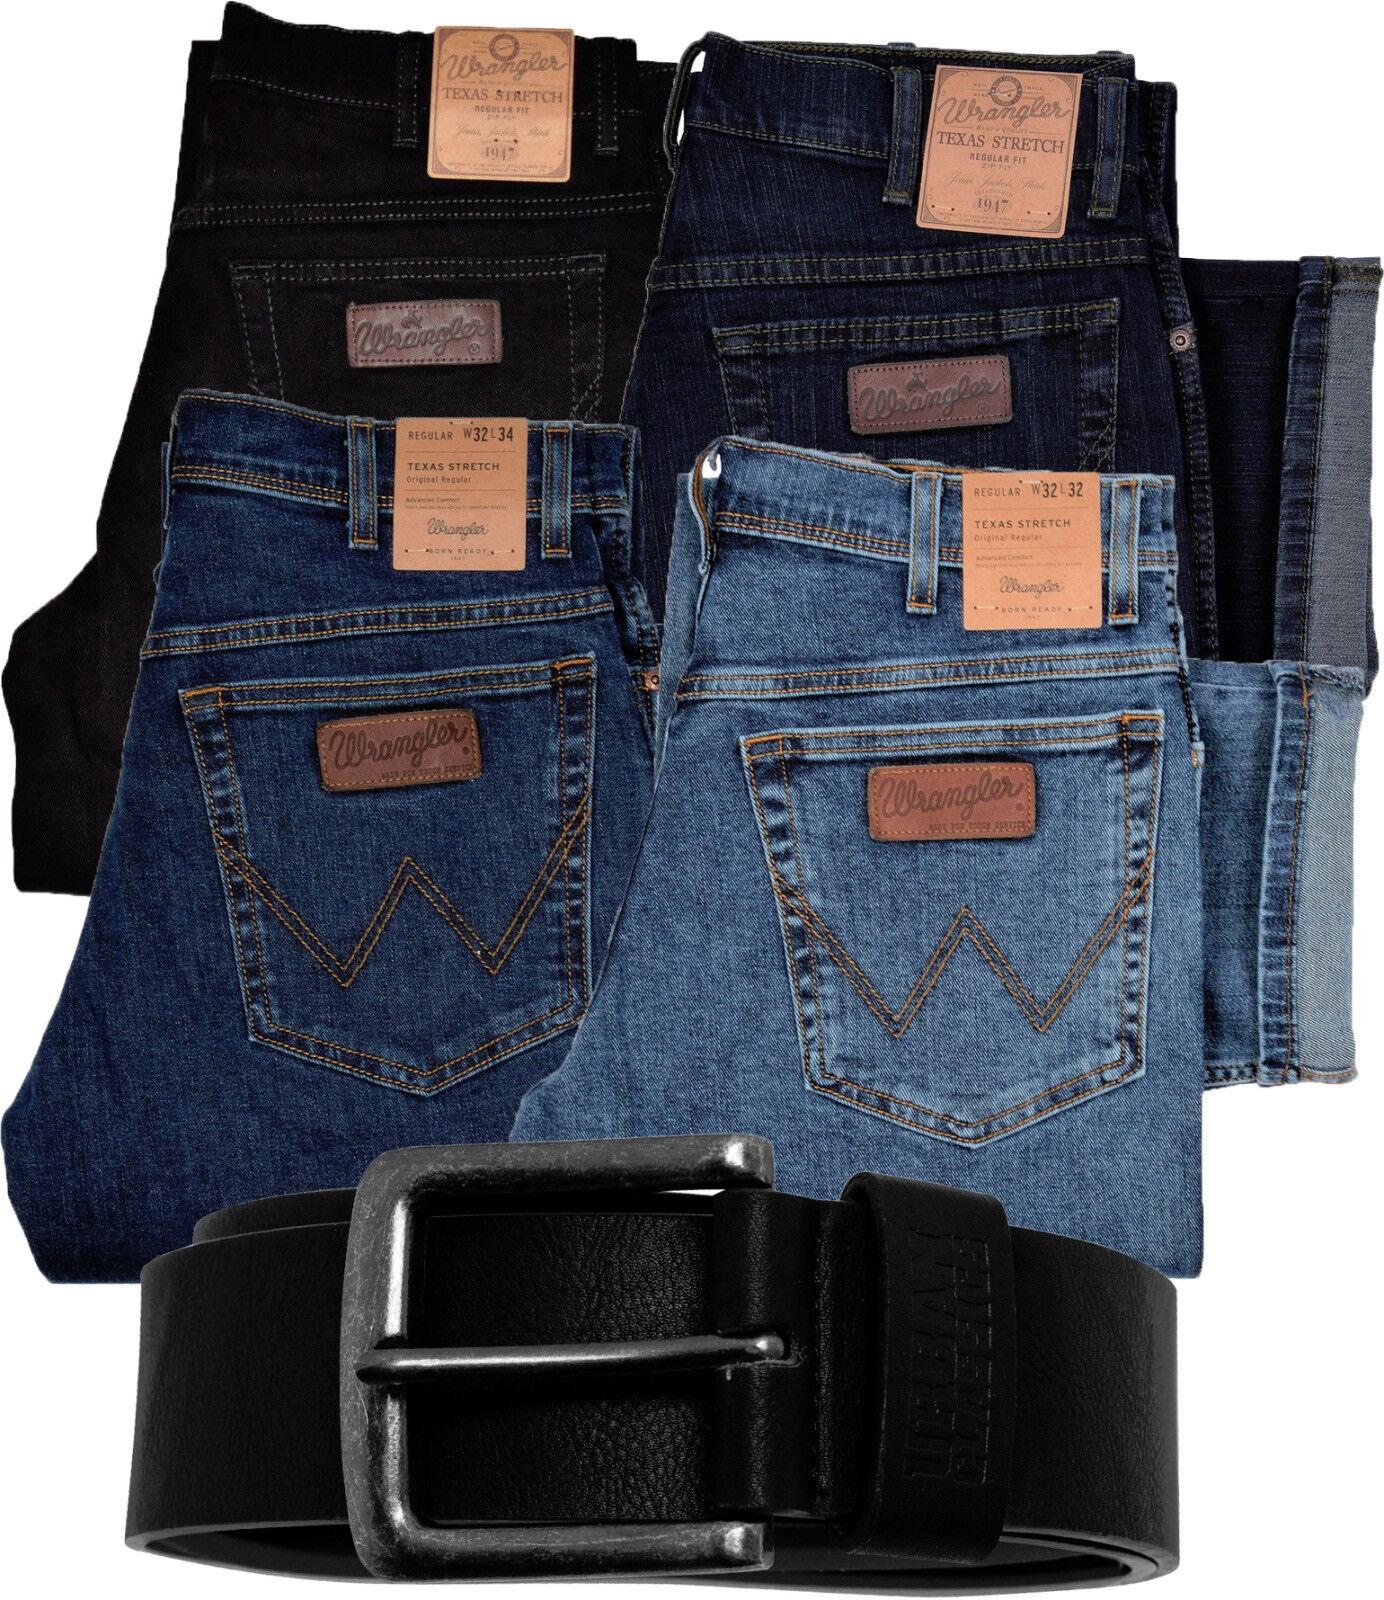 Details zu WRANGLER TEXAS Jeans Stretch Herren Herrenjeans mit Gürtel alle Größen Angebot